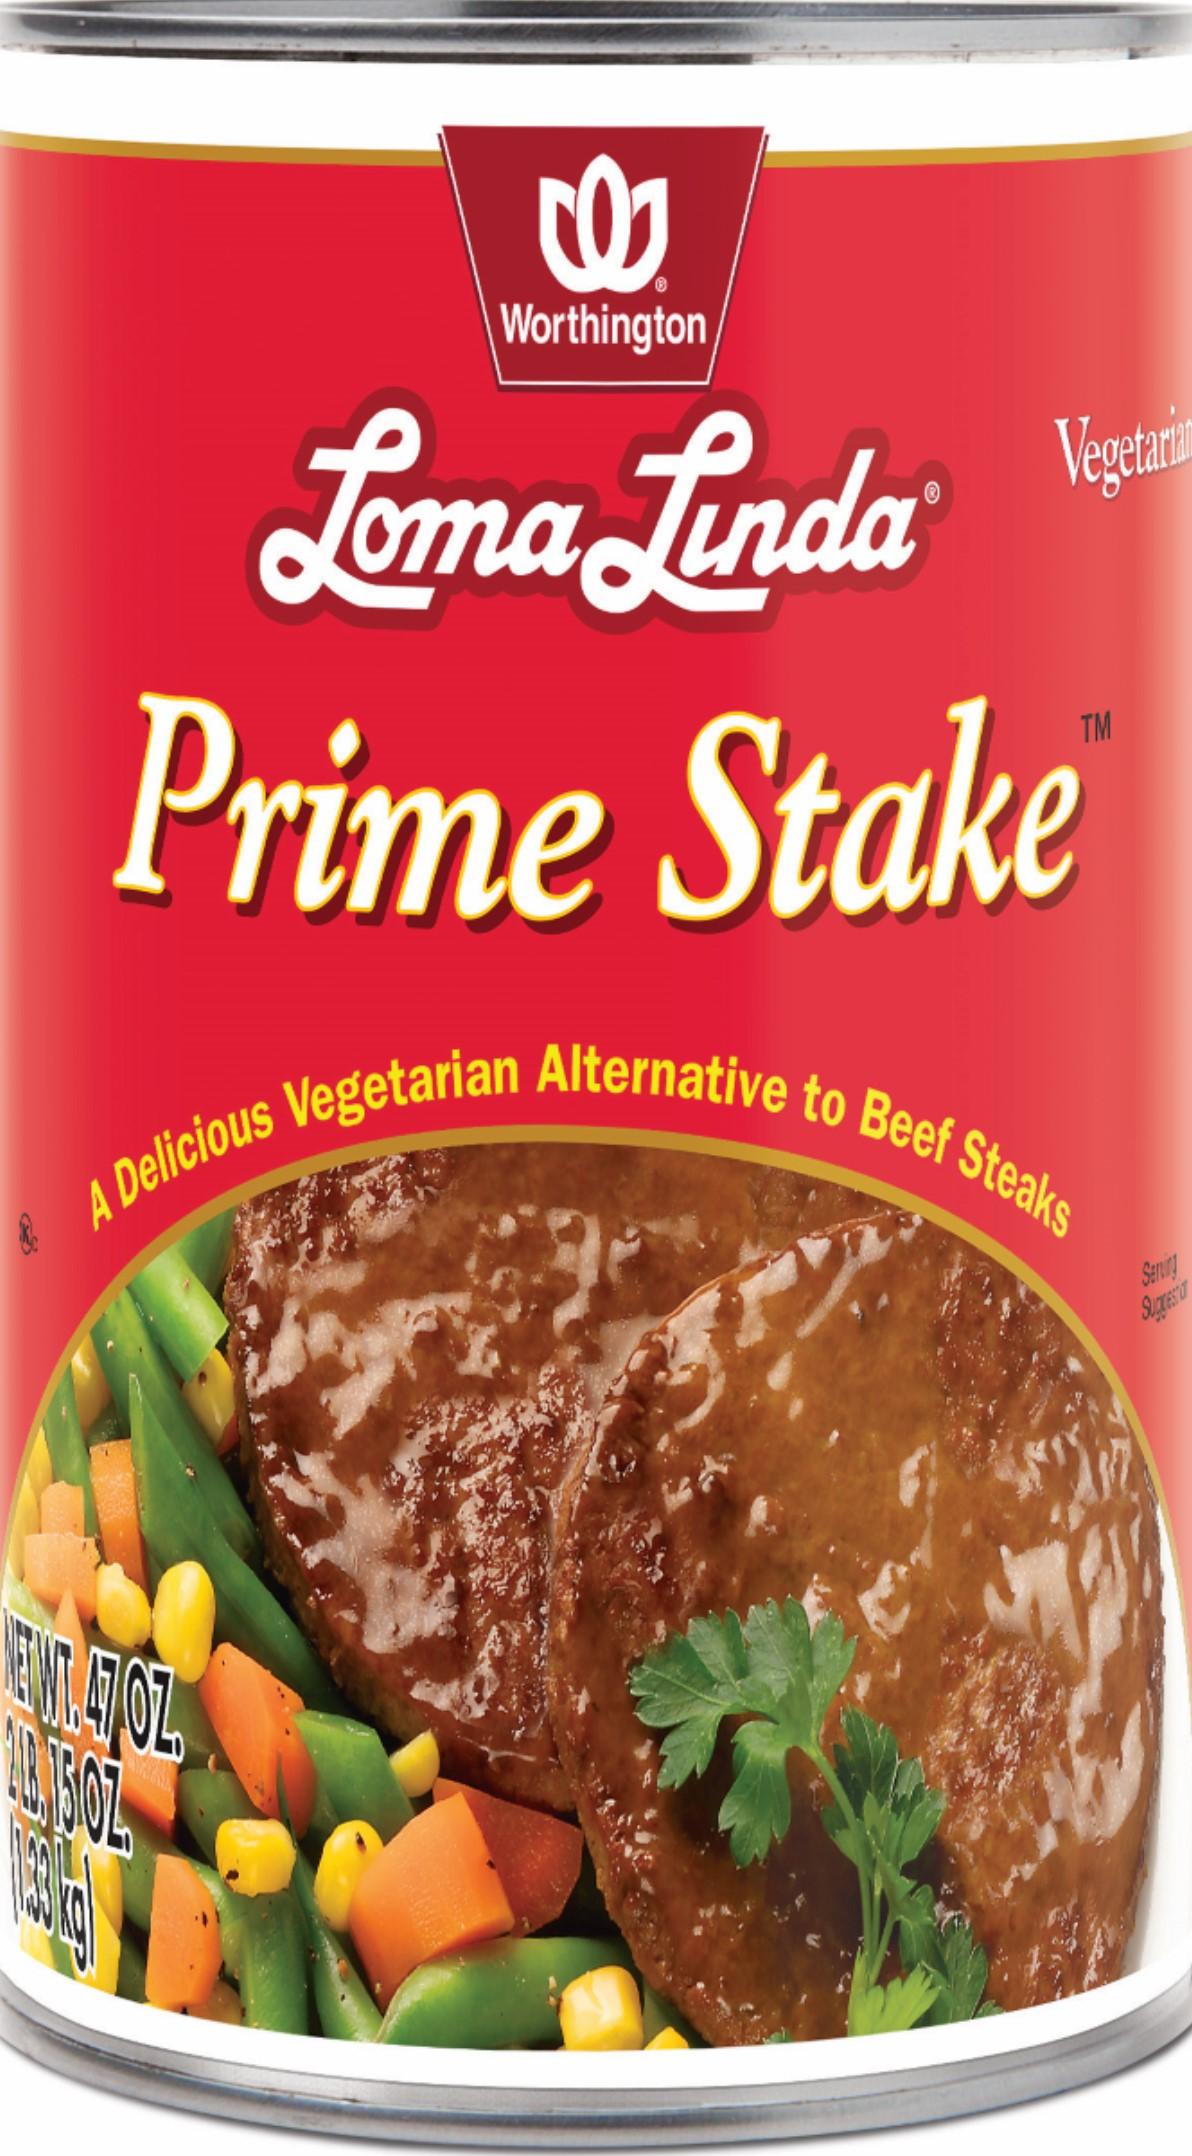 PRIME STAKES FAMILY SIZE,WORTHINGTON,4556100069